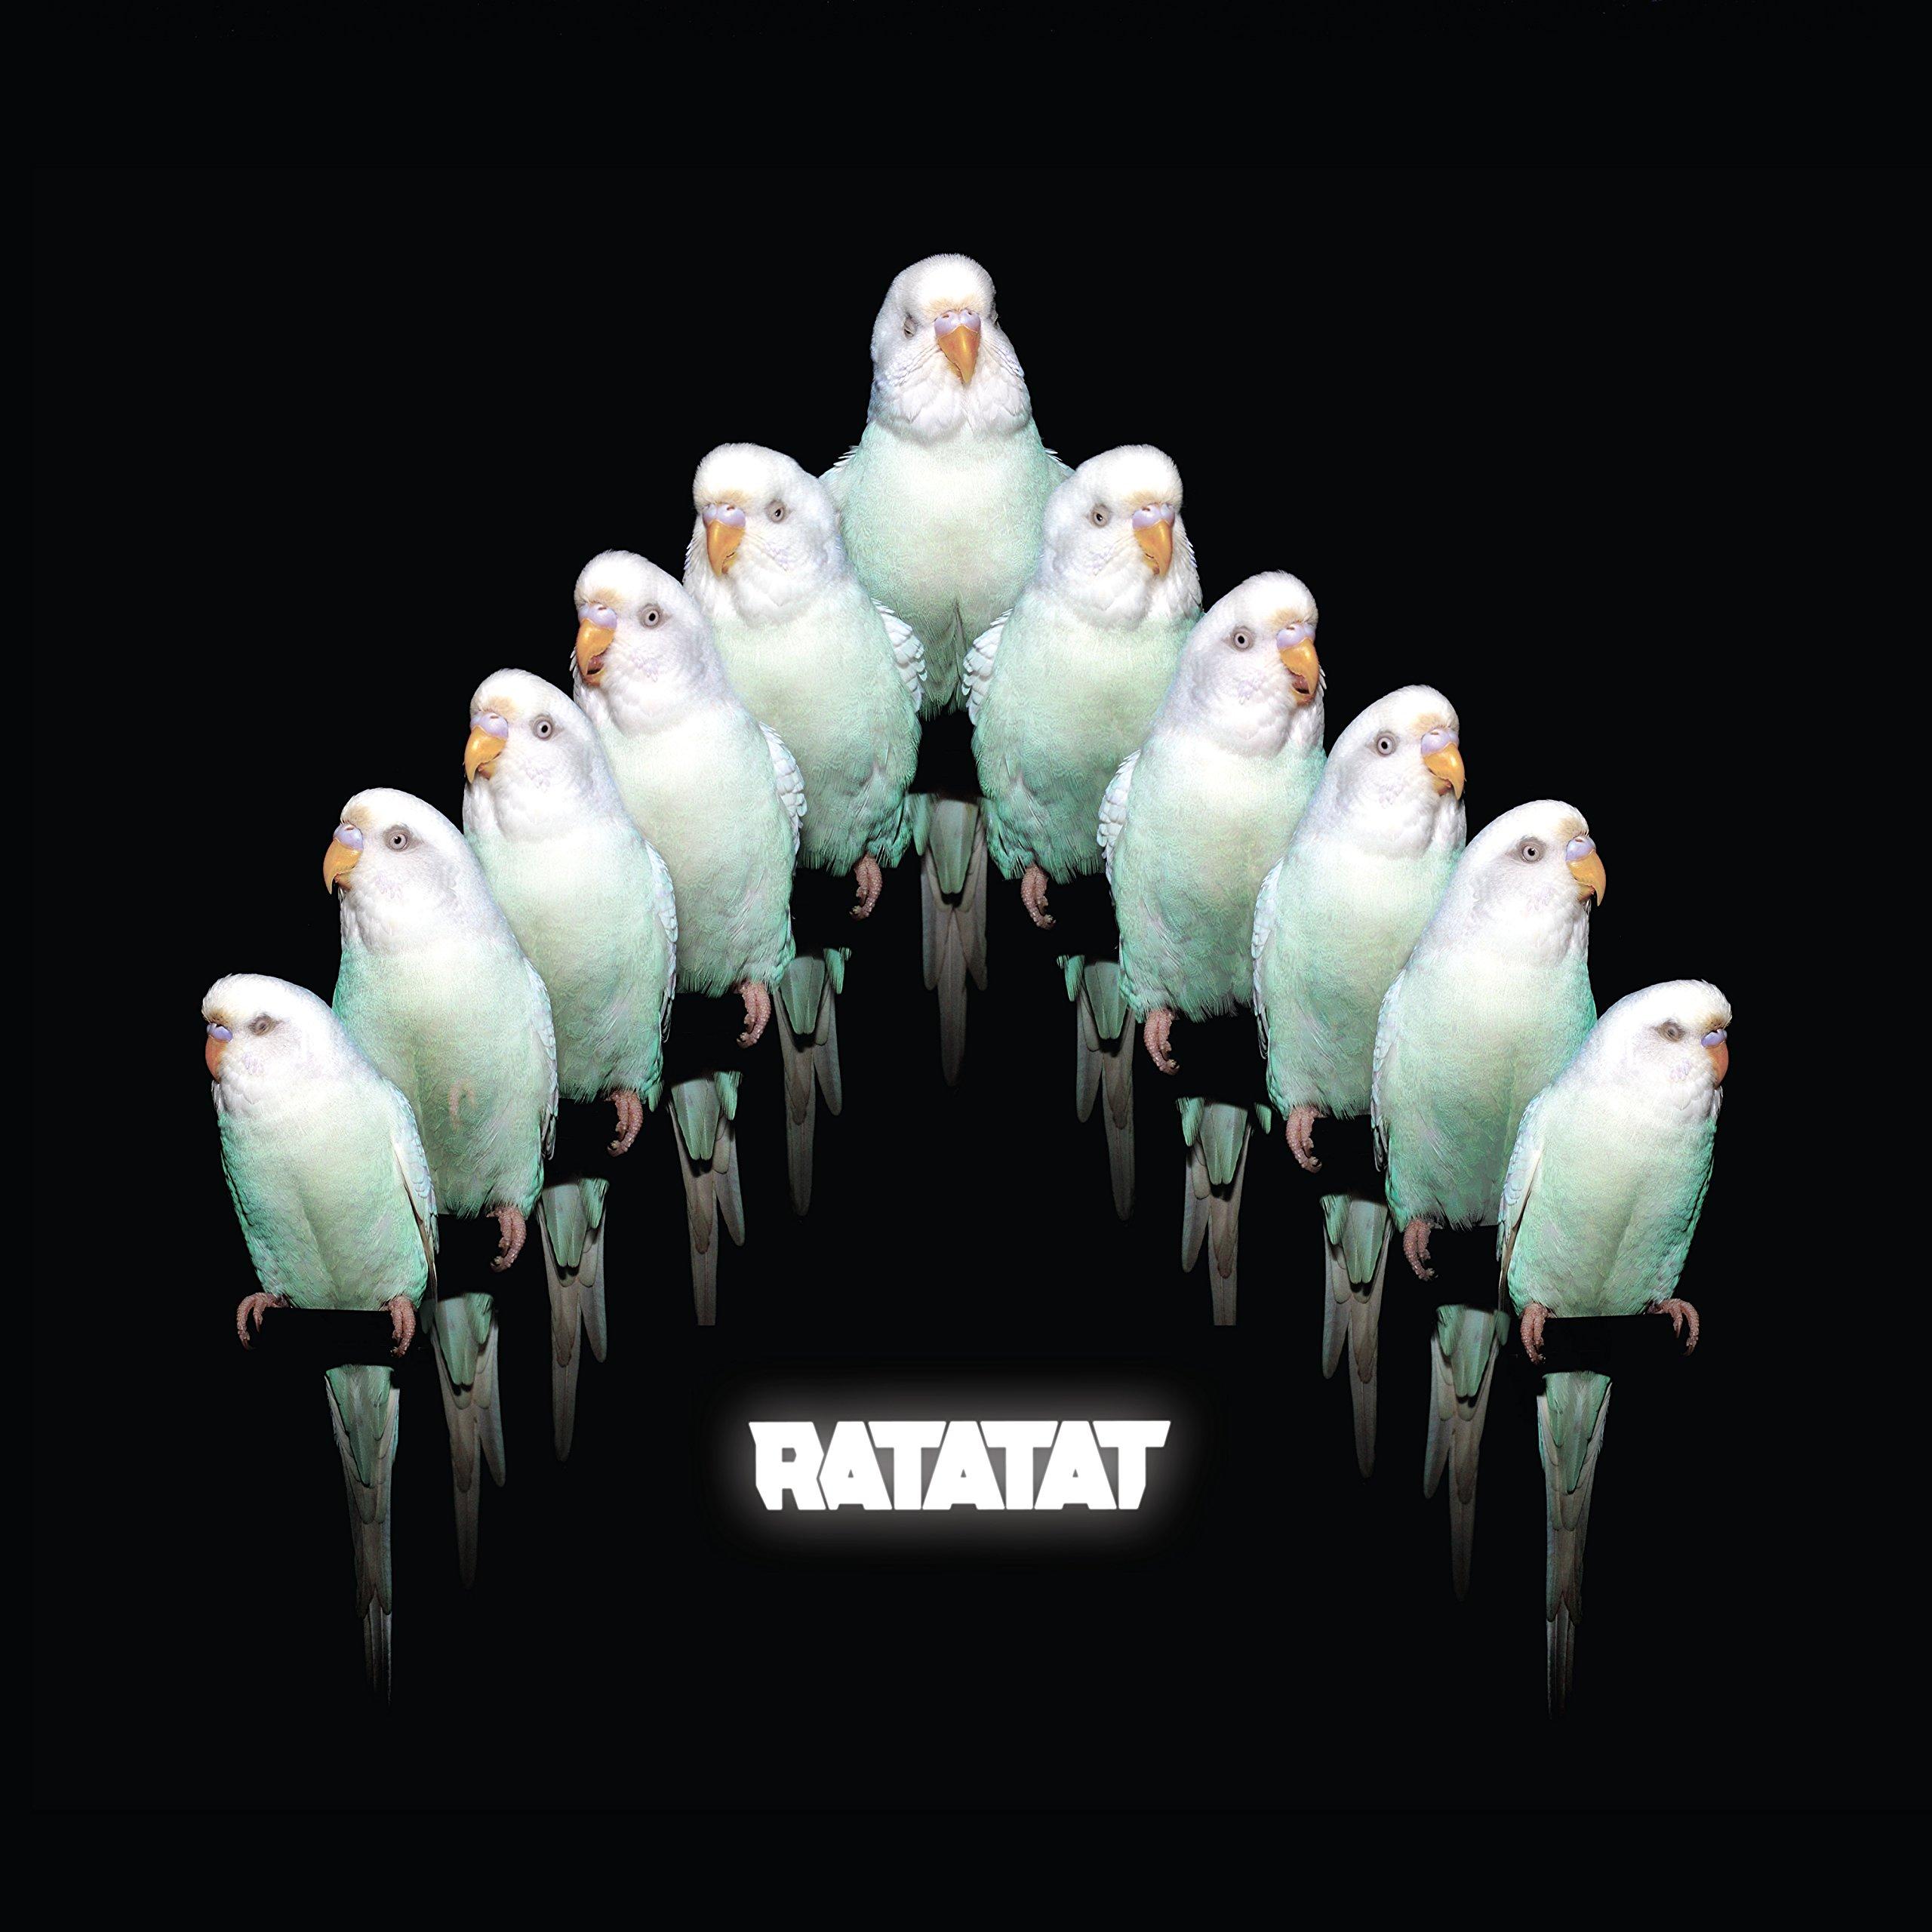 Ratatat - LP4 (2010) [FLAC] Download